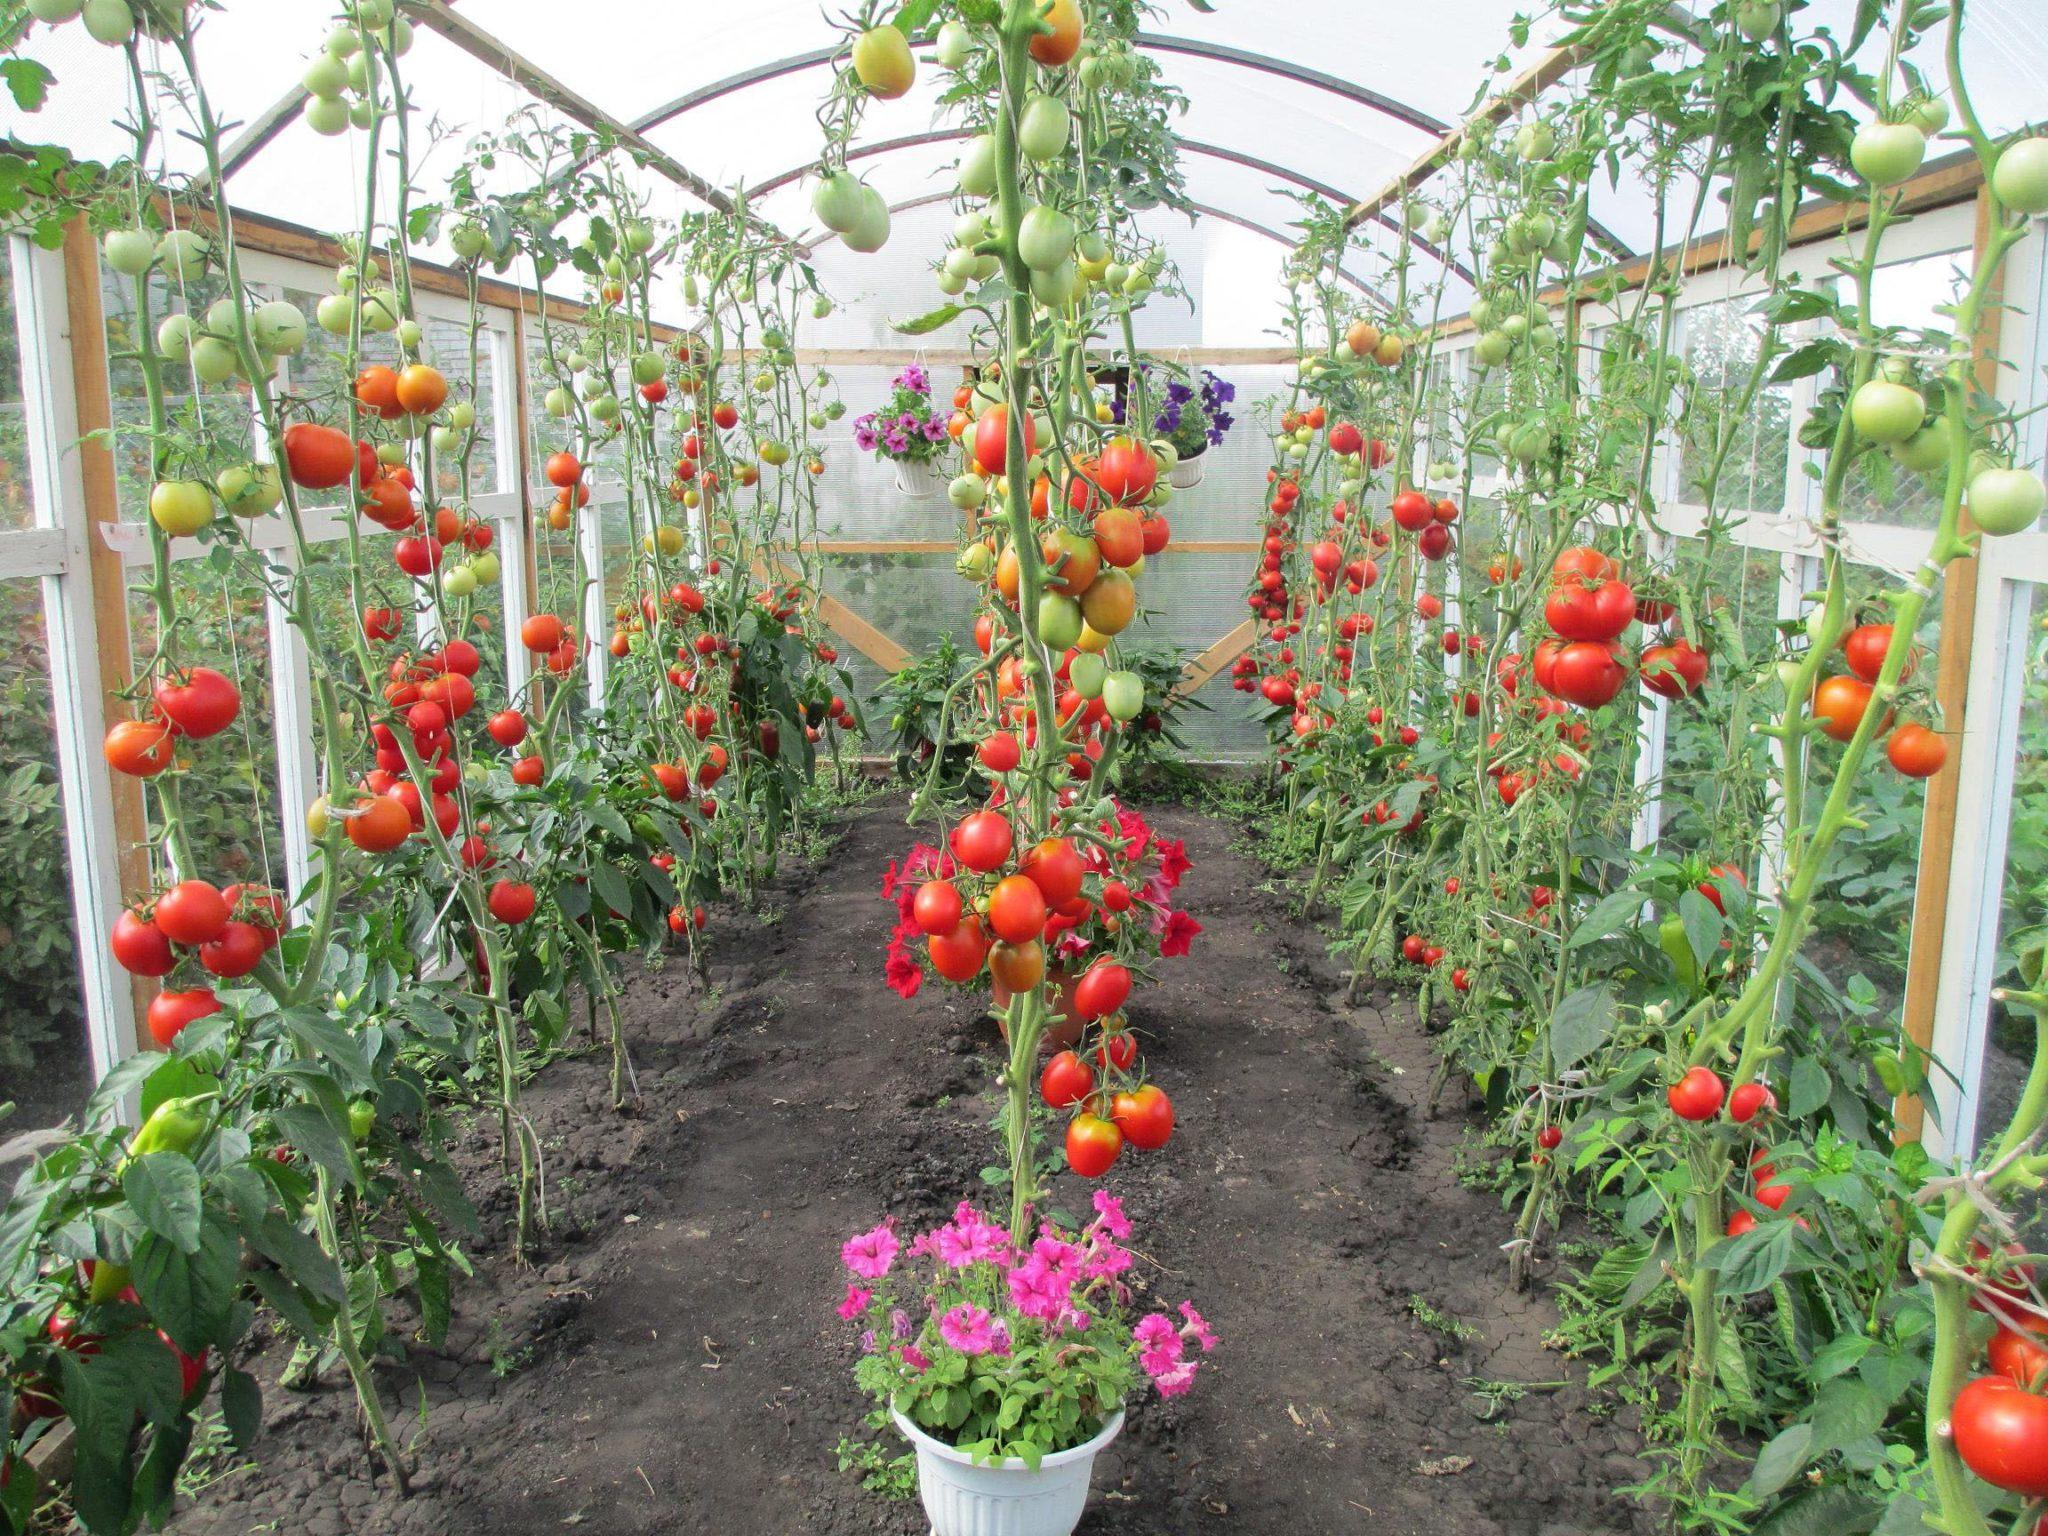 фото грядок помидоров перцев удалось достичь вершин